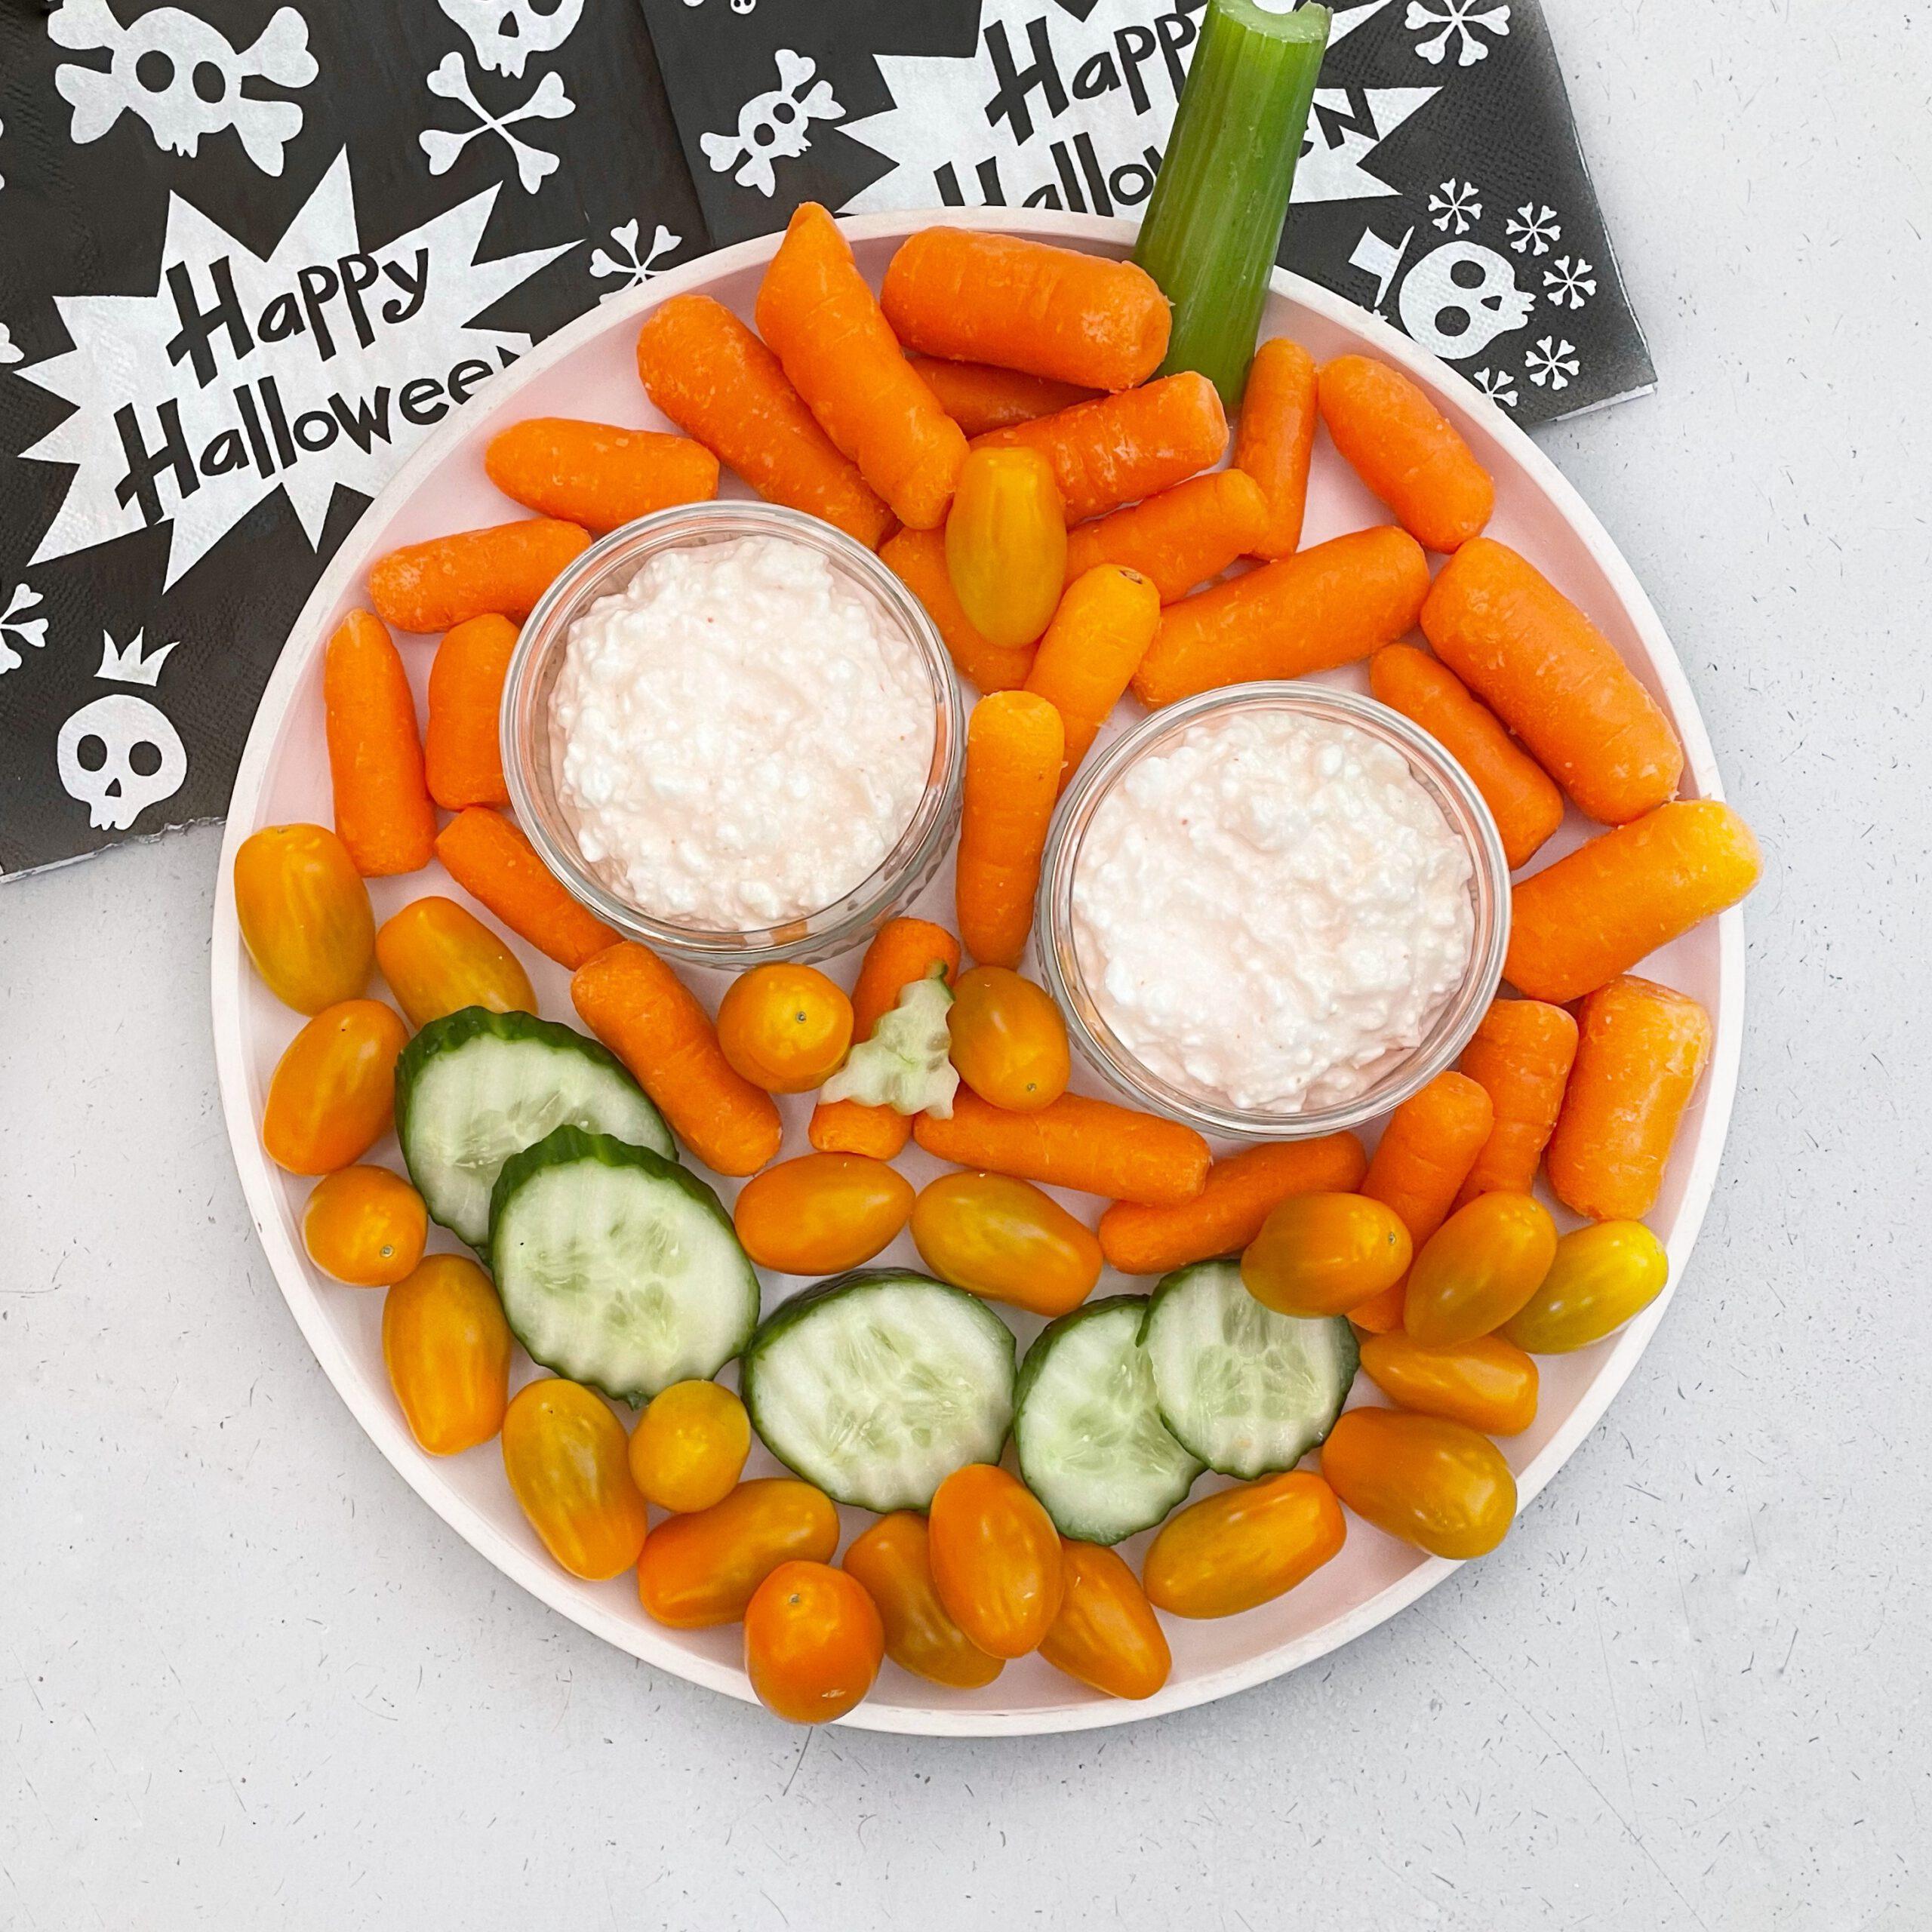 gezonde hapjes voor Halloween, maak een monkeyplatter.